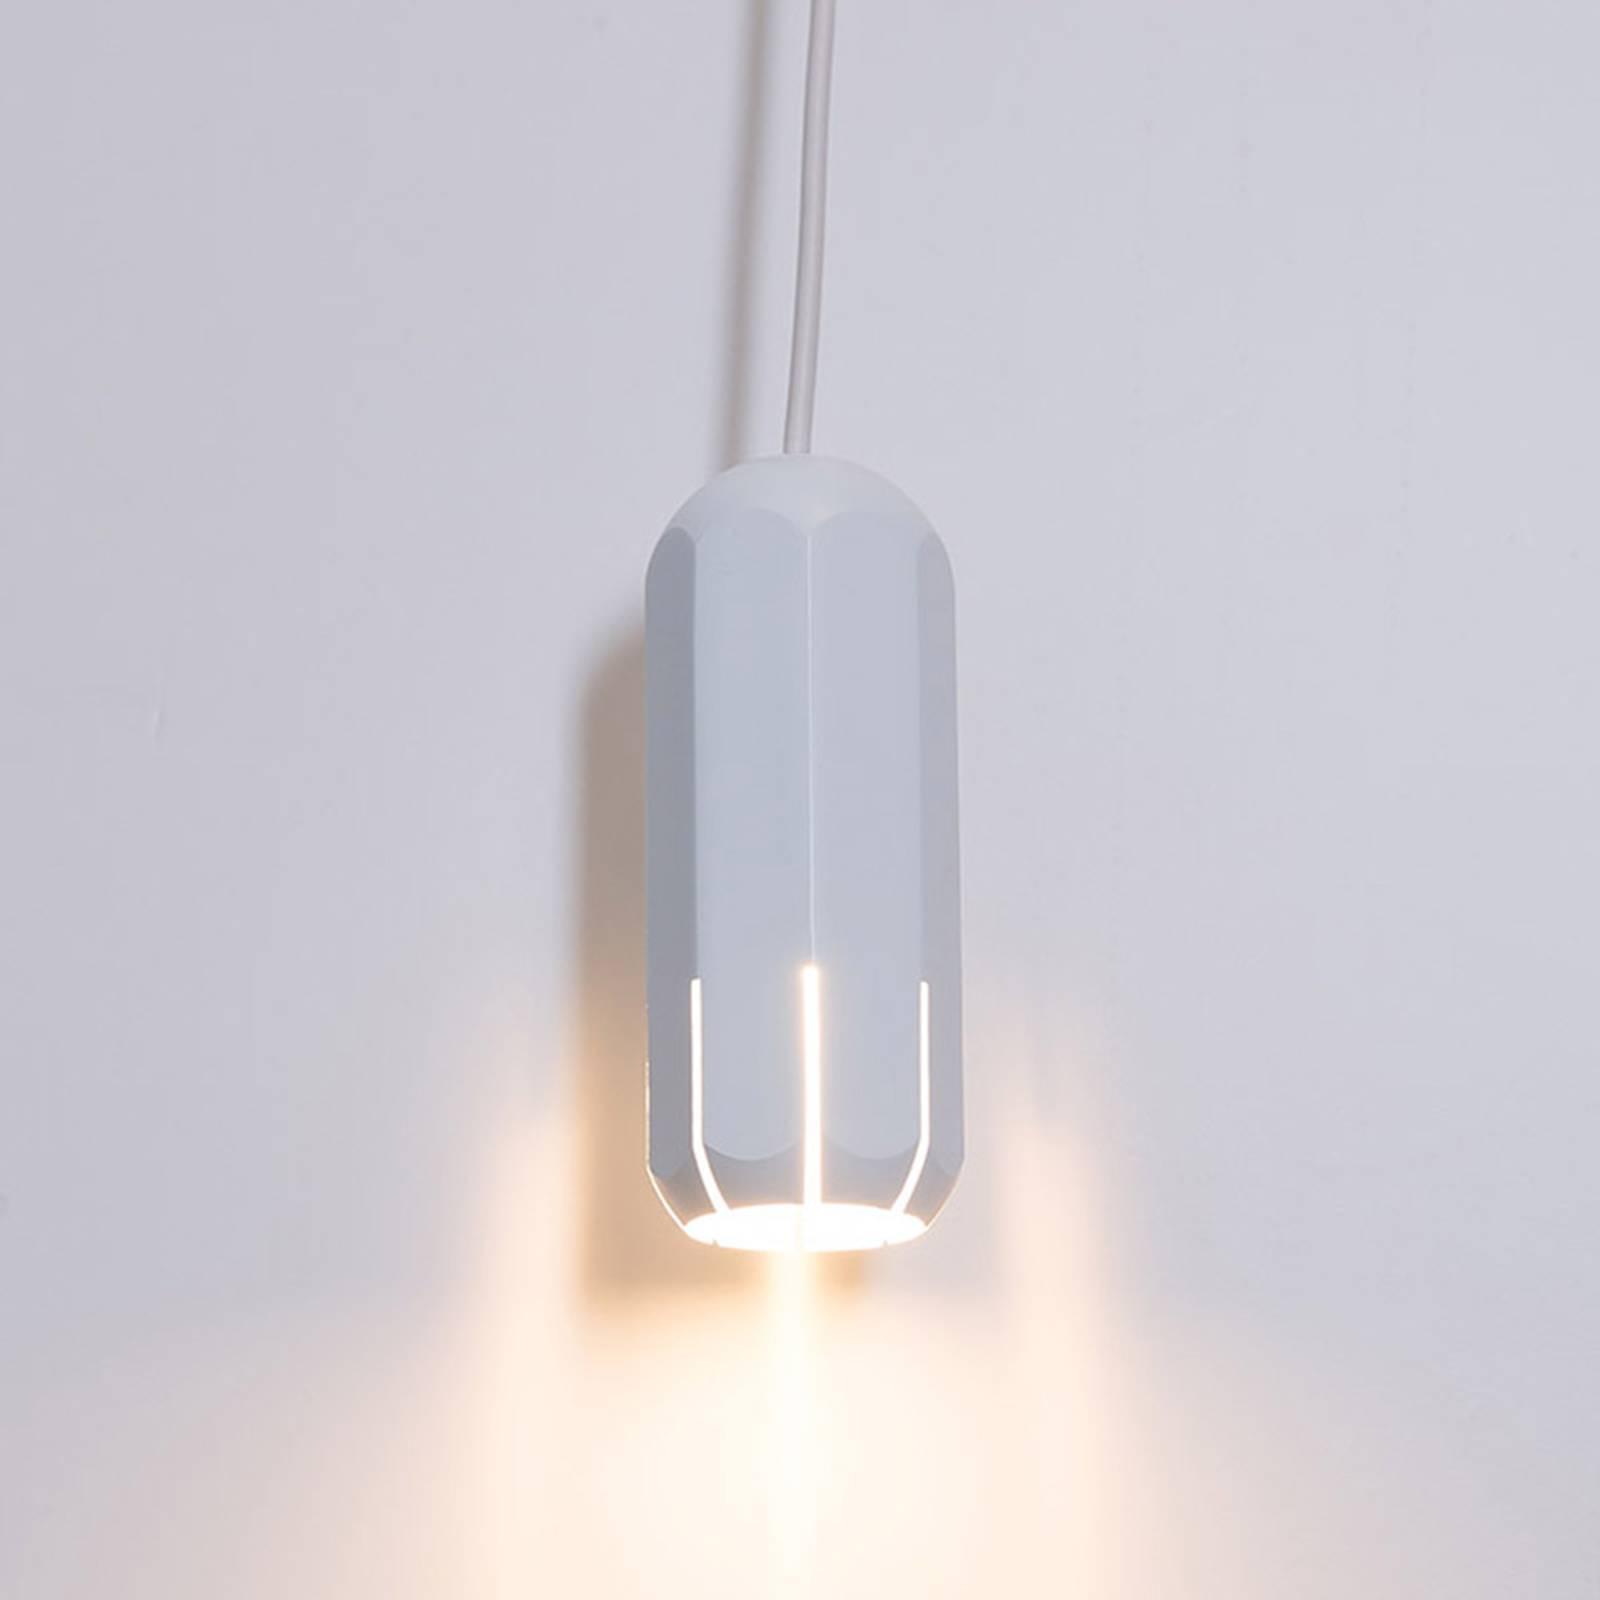 Innermost Brixton Spot 11-LED-riippuvalo valkoinen